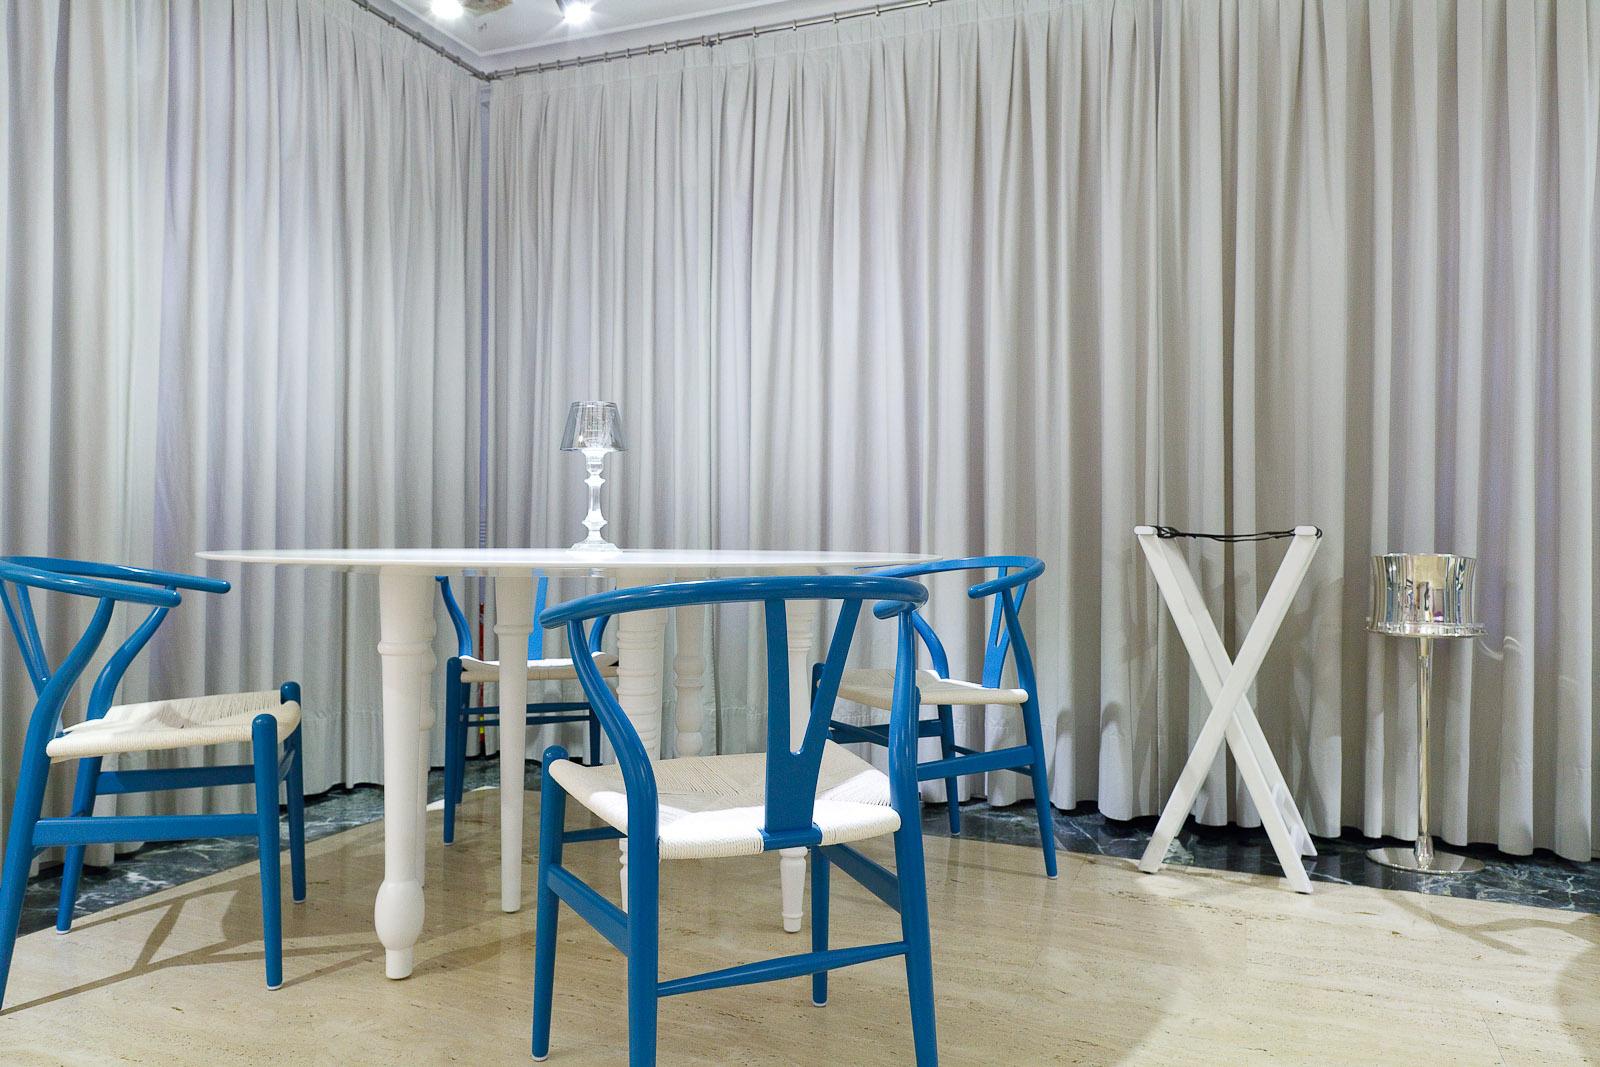 The minimalist dining room